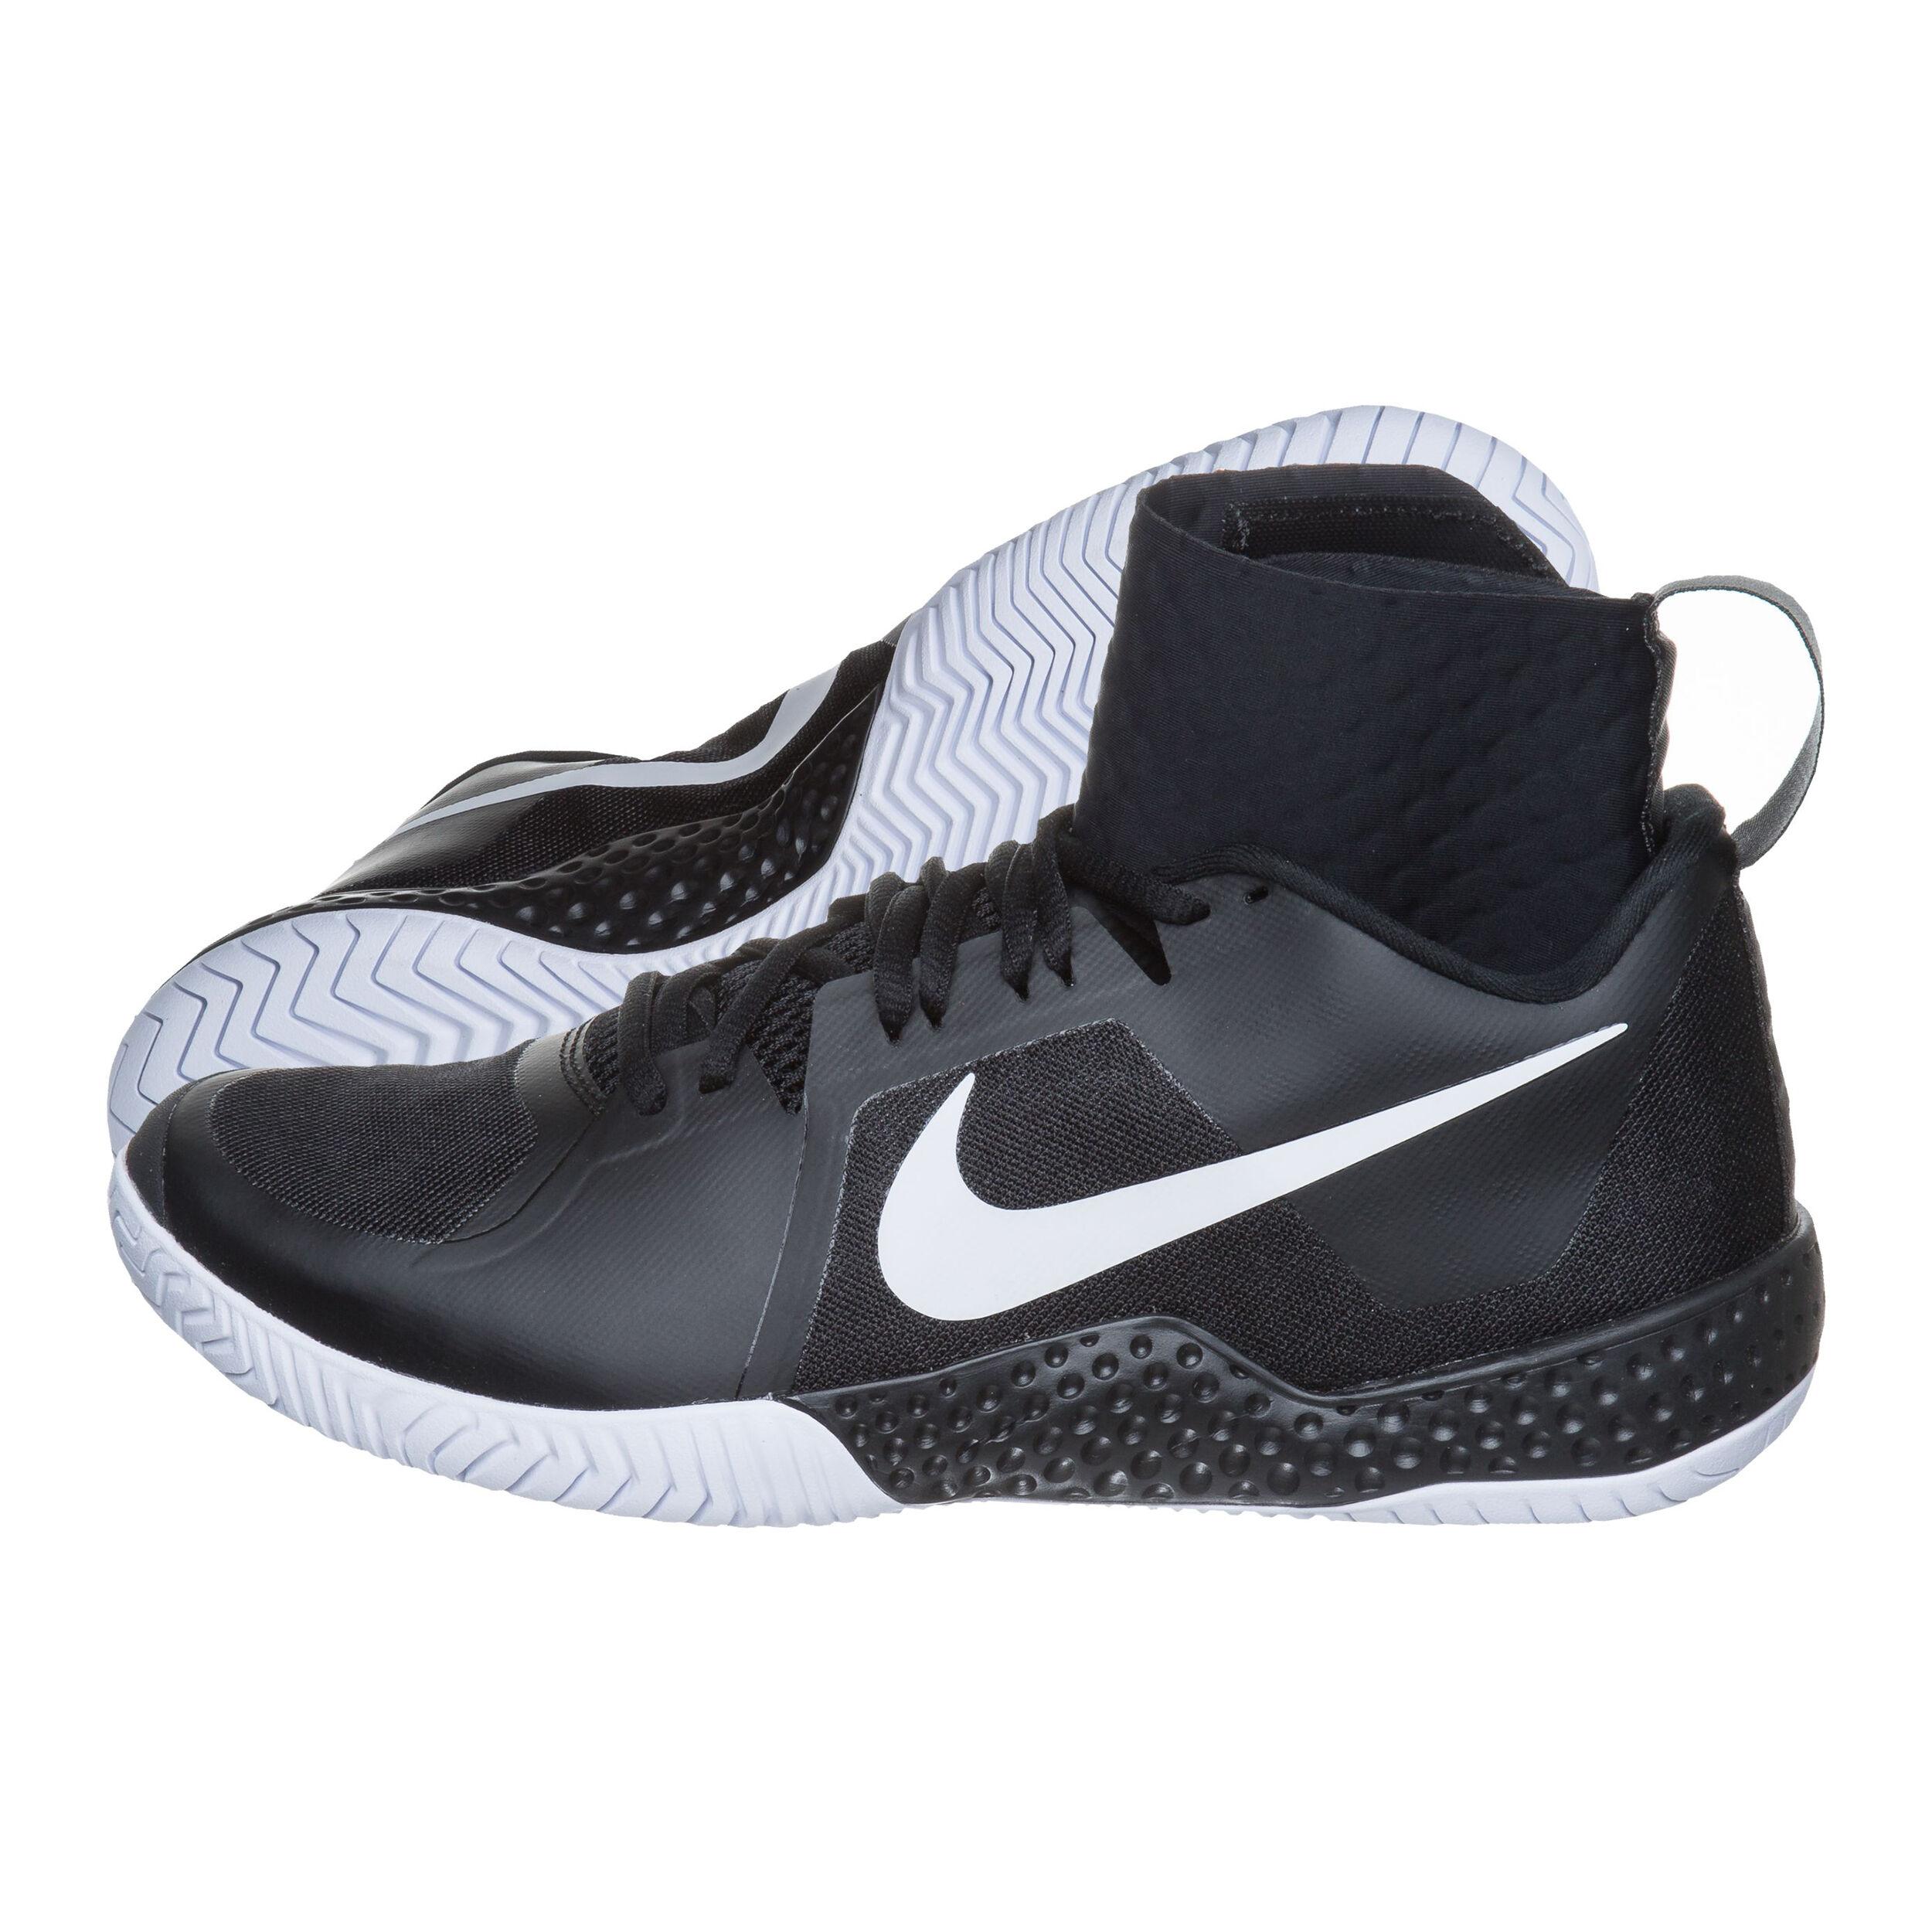 Nike Flare Allcourt sko Damer Sort, Hvid køb online